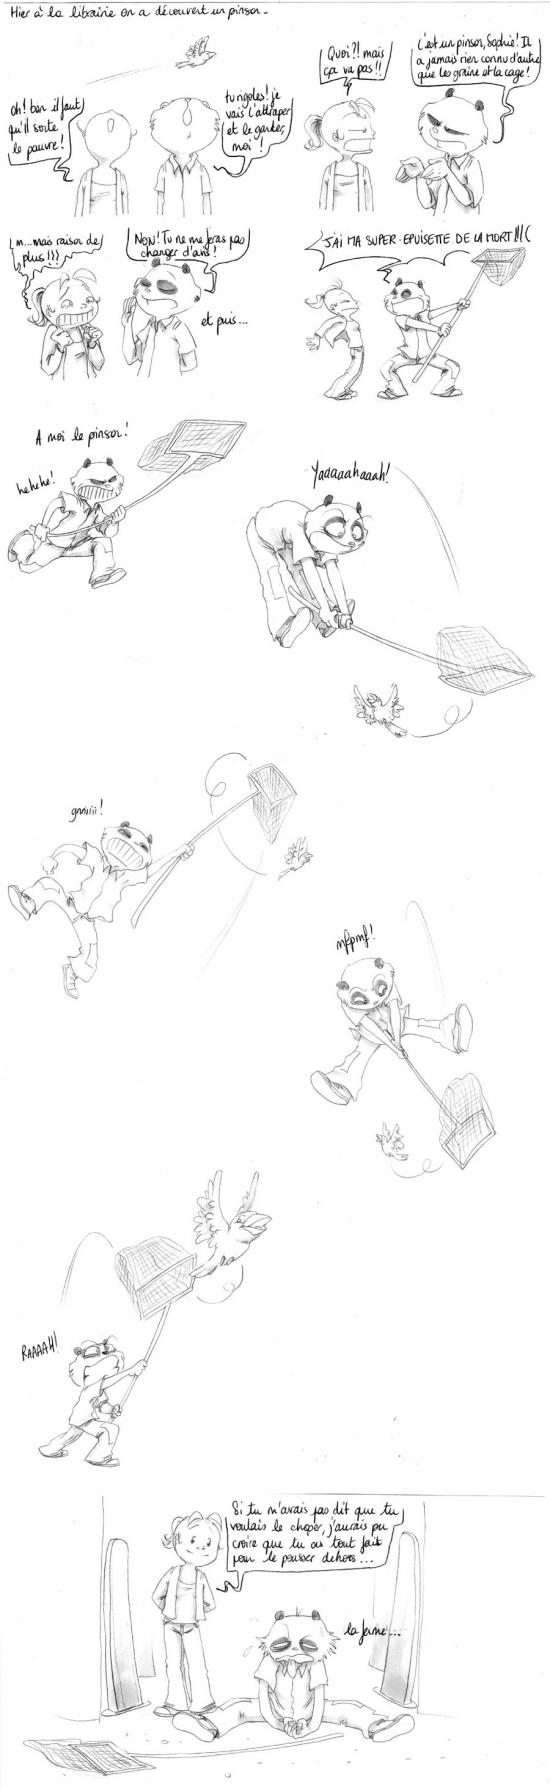 La chasse au pinson